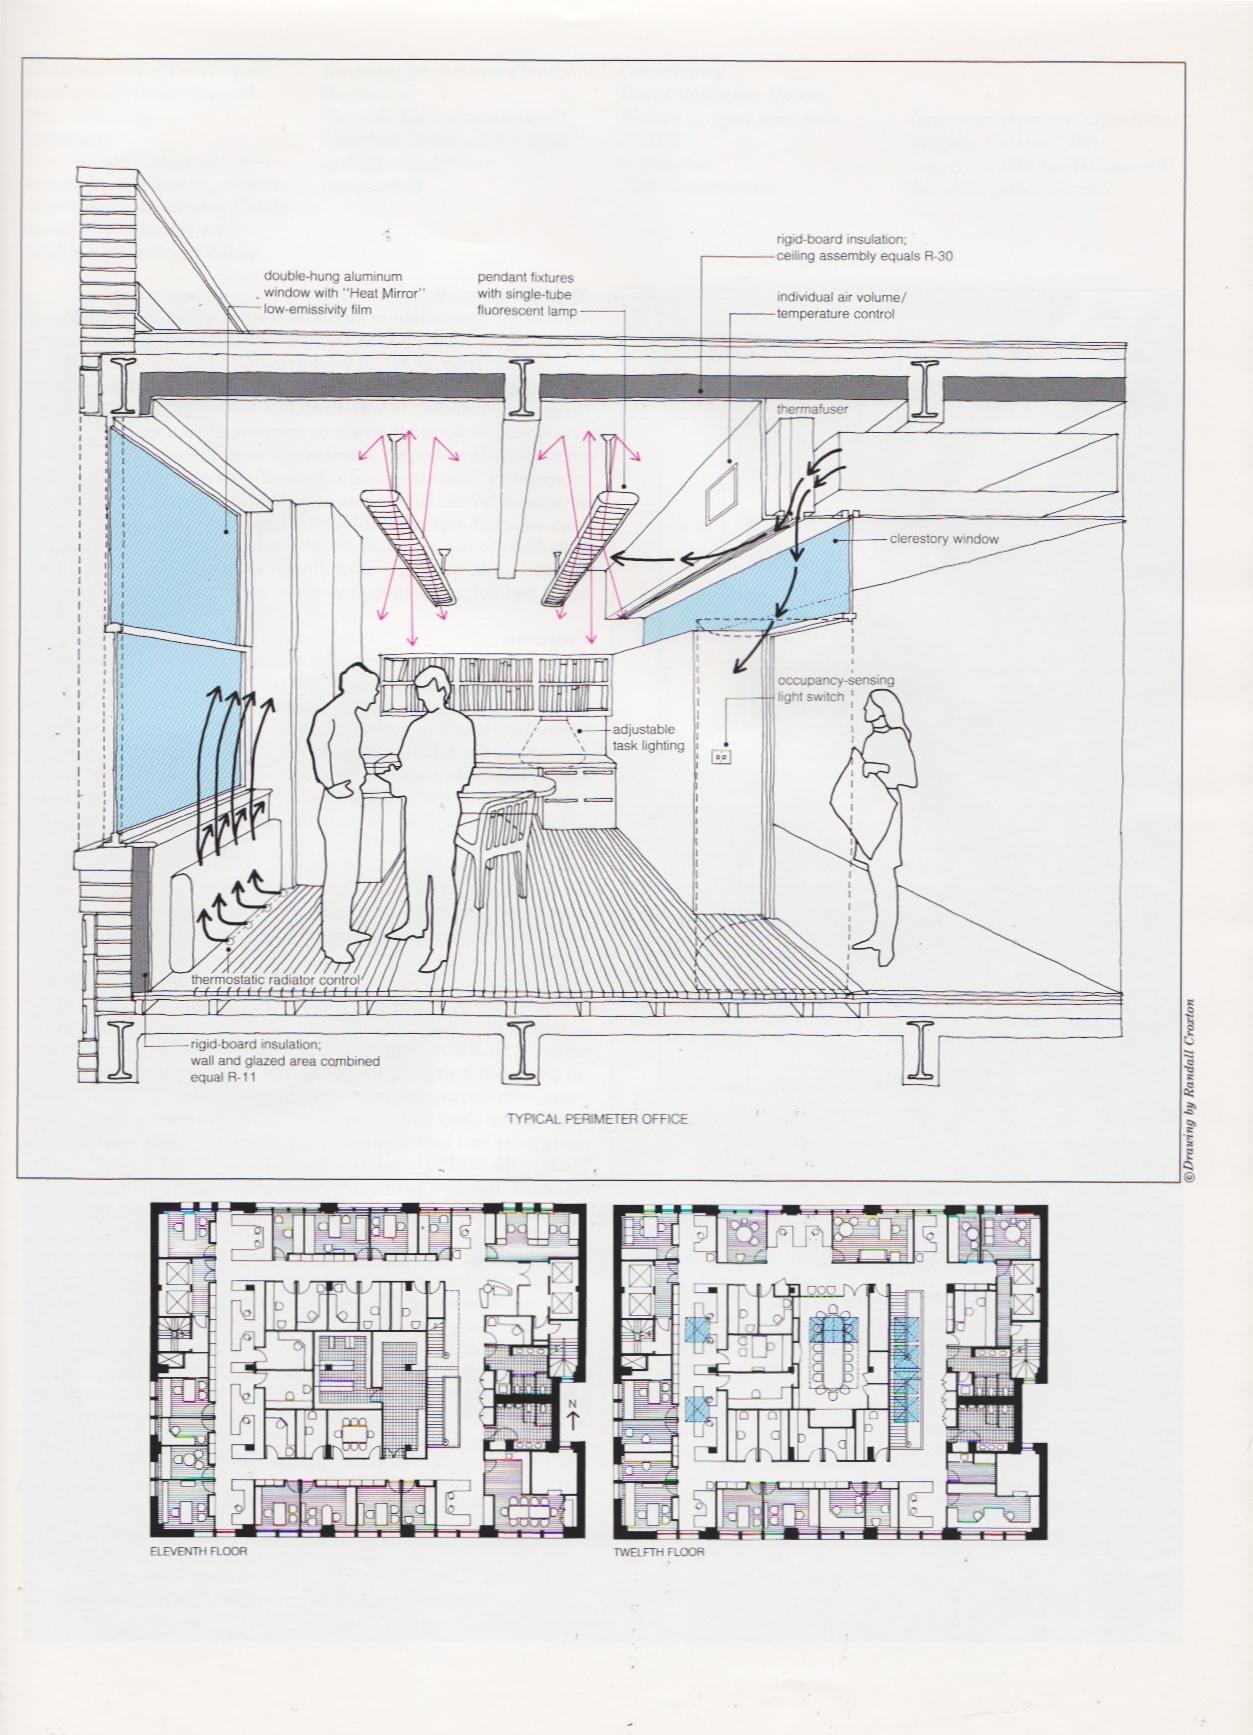 NRDC AIA 3.jpeg